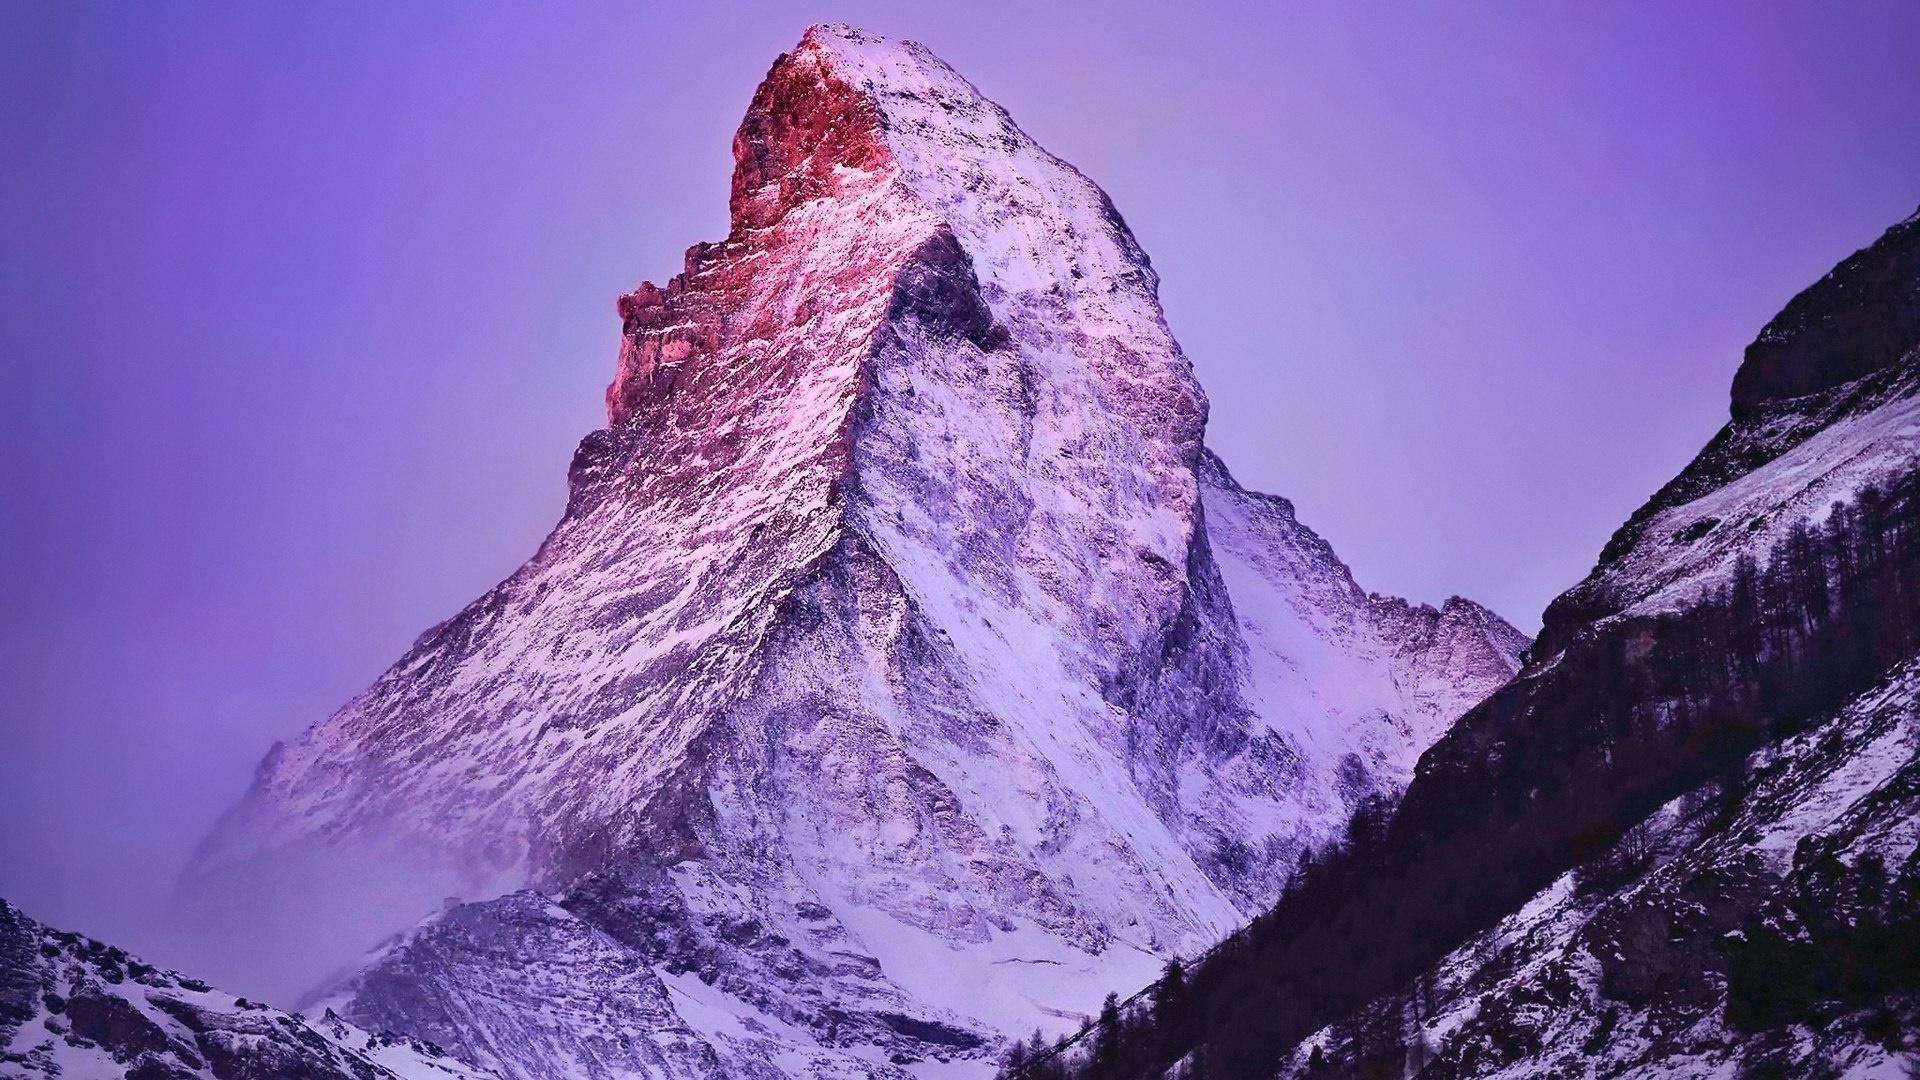 Matterhorn (Switzerland) wallpaper